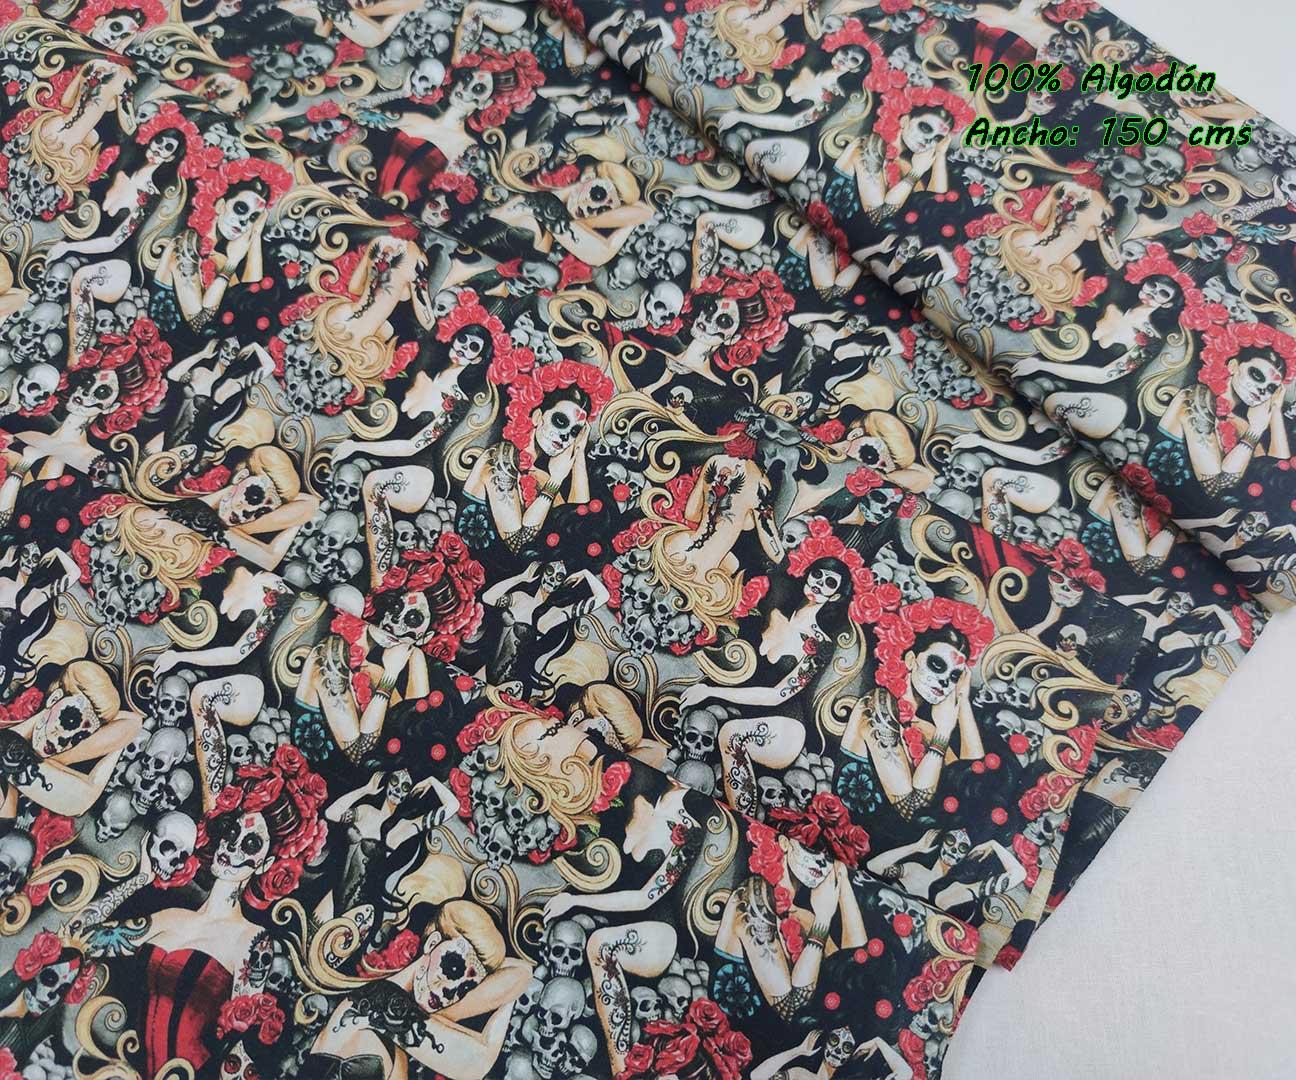 29-algodones-estampados,telas-estampadas,tejidos-estampados-de-algodon,22-algodones-estampados,telas-estampadas,tejidos-estampados-de-algodon,Tejido Estampado Cadáver